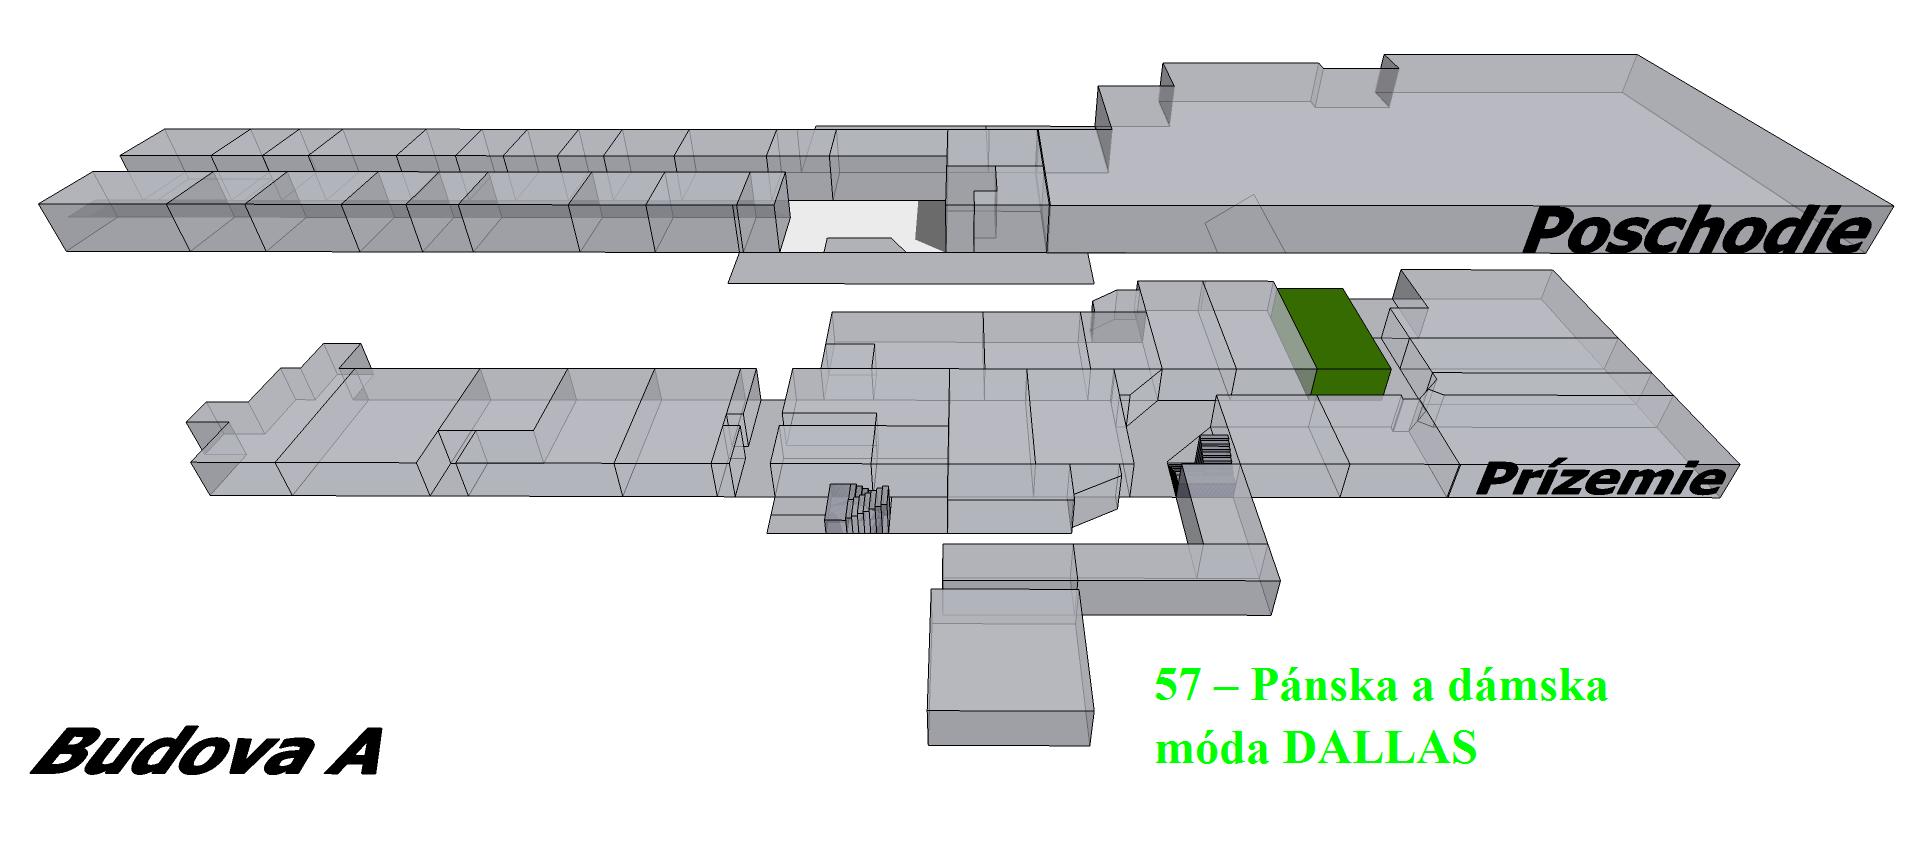 57_Pánska_a_dámska_móda_DALLAS_budova_A_prízemie_s_u